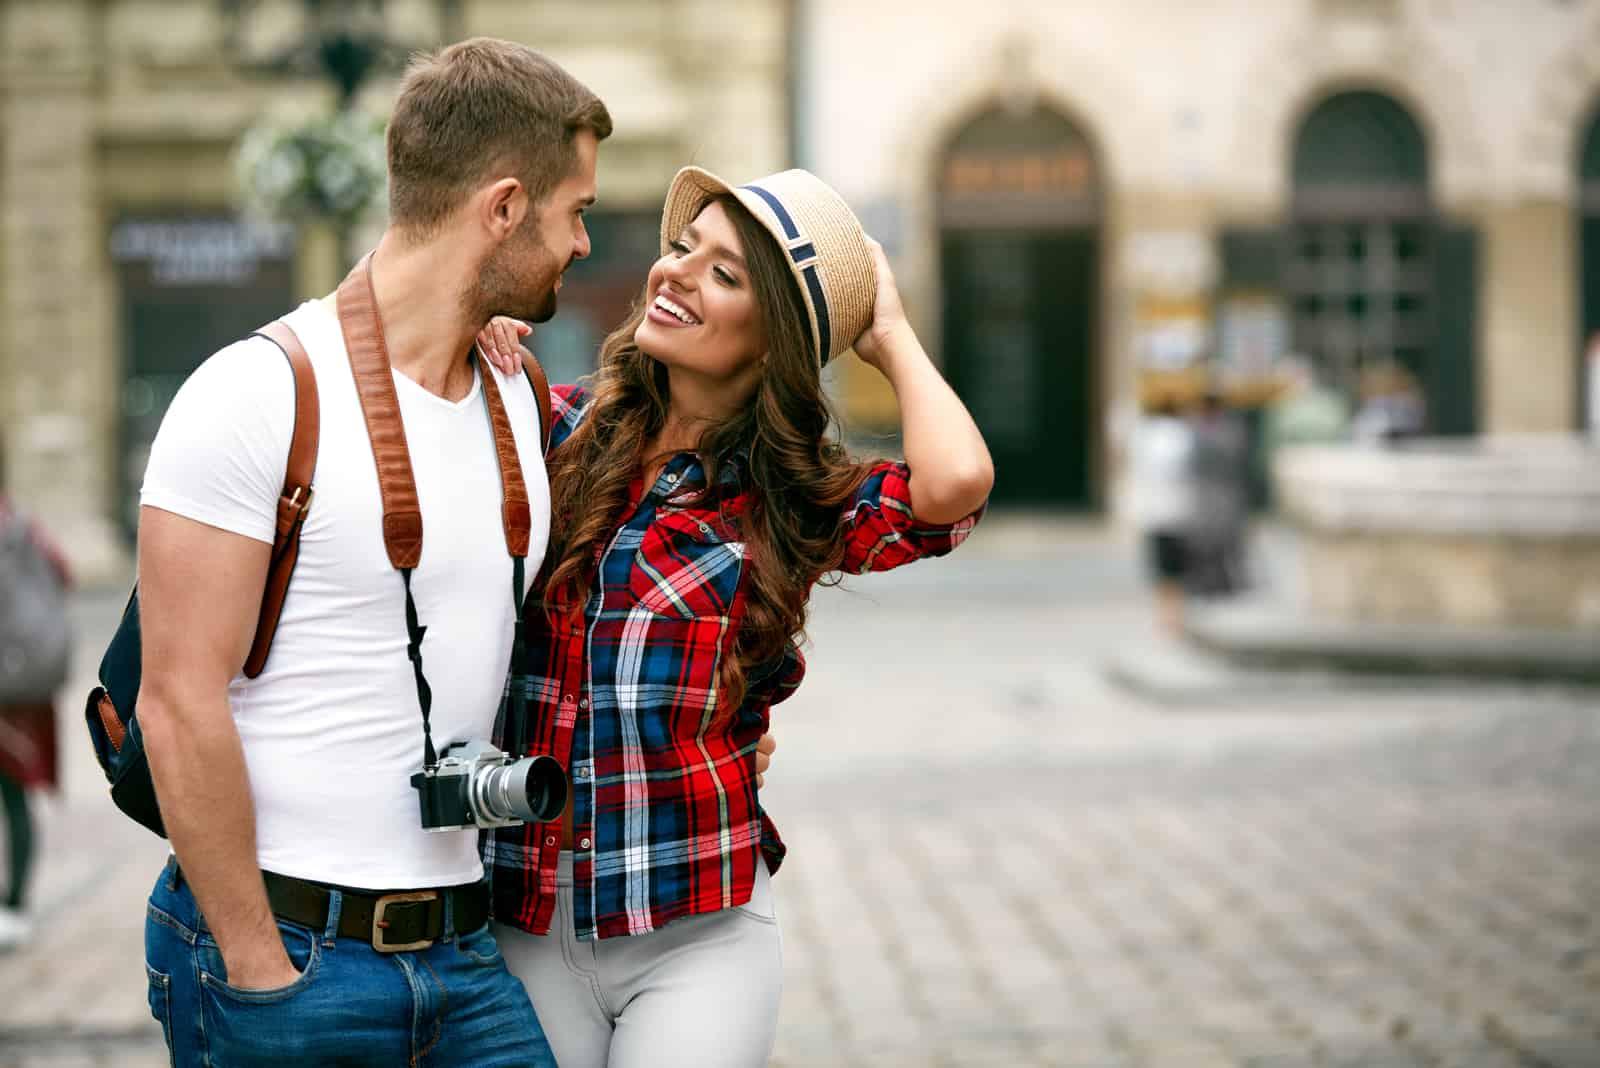 Couple amoureux marchant ensemble dans la rue